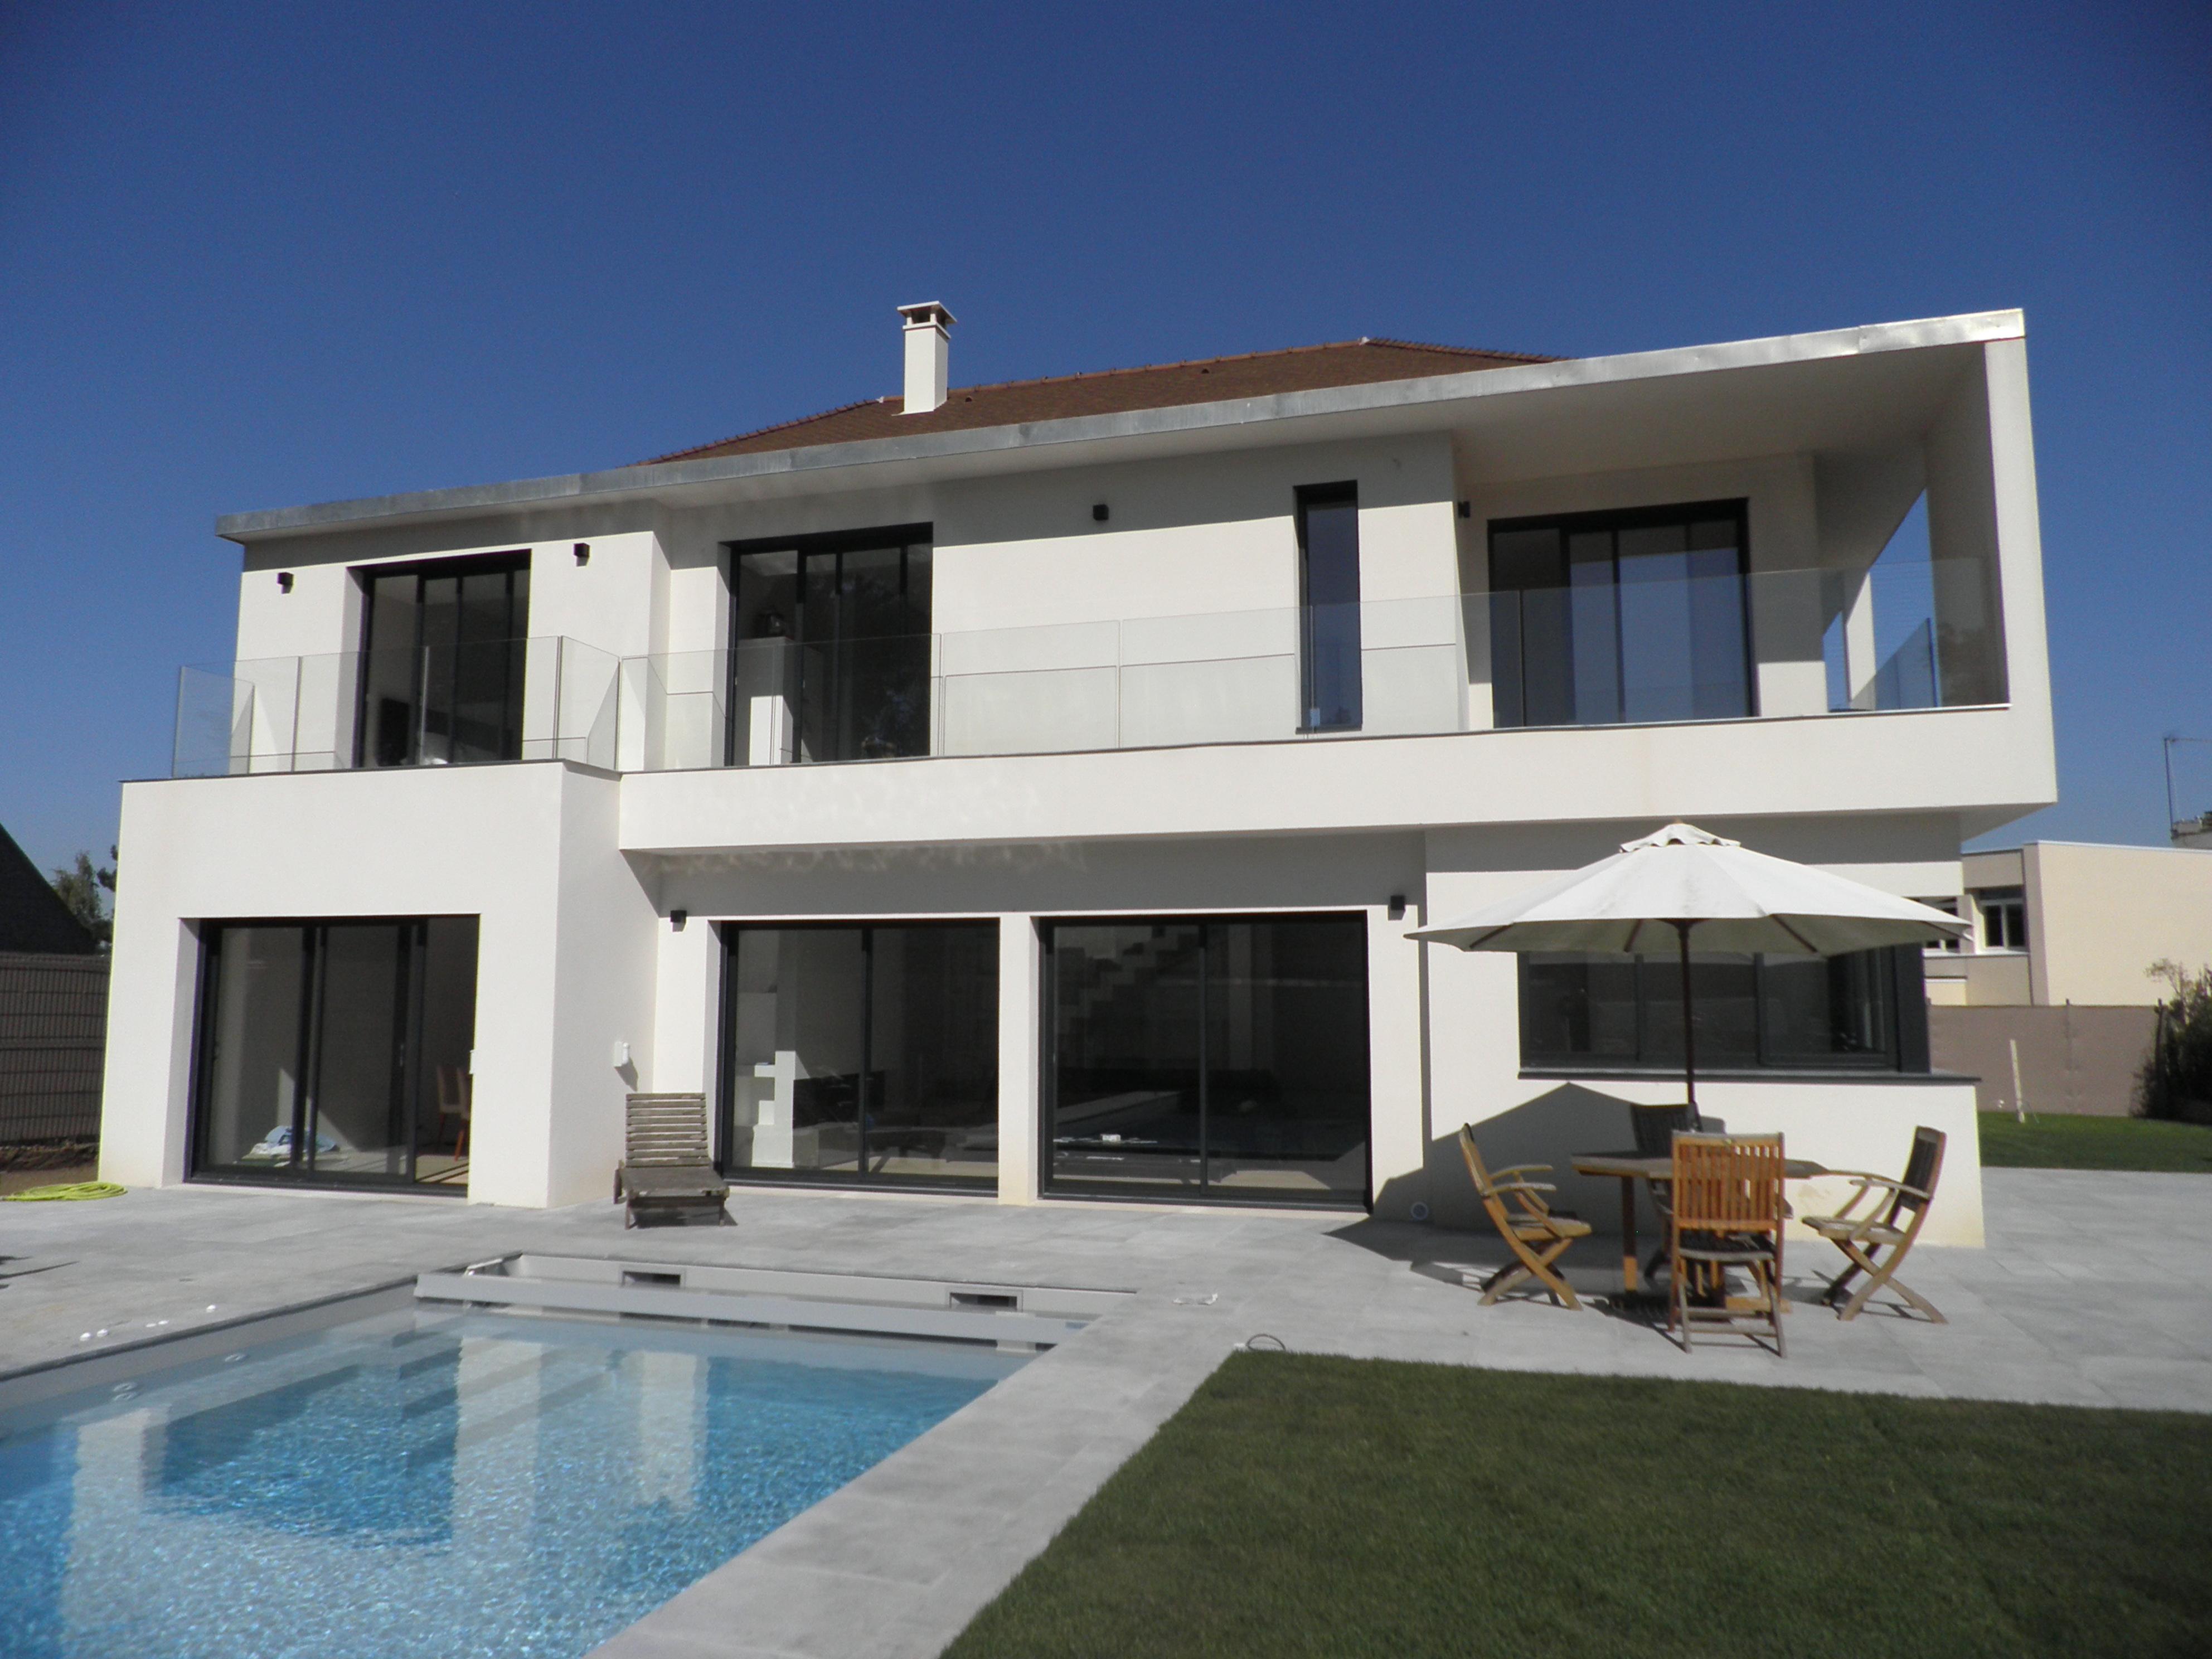 Faire construire sa maison d apr s les plans d un architecte bien construire - Faire construire maison ...